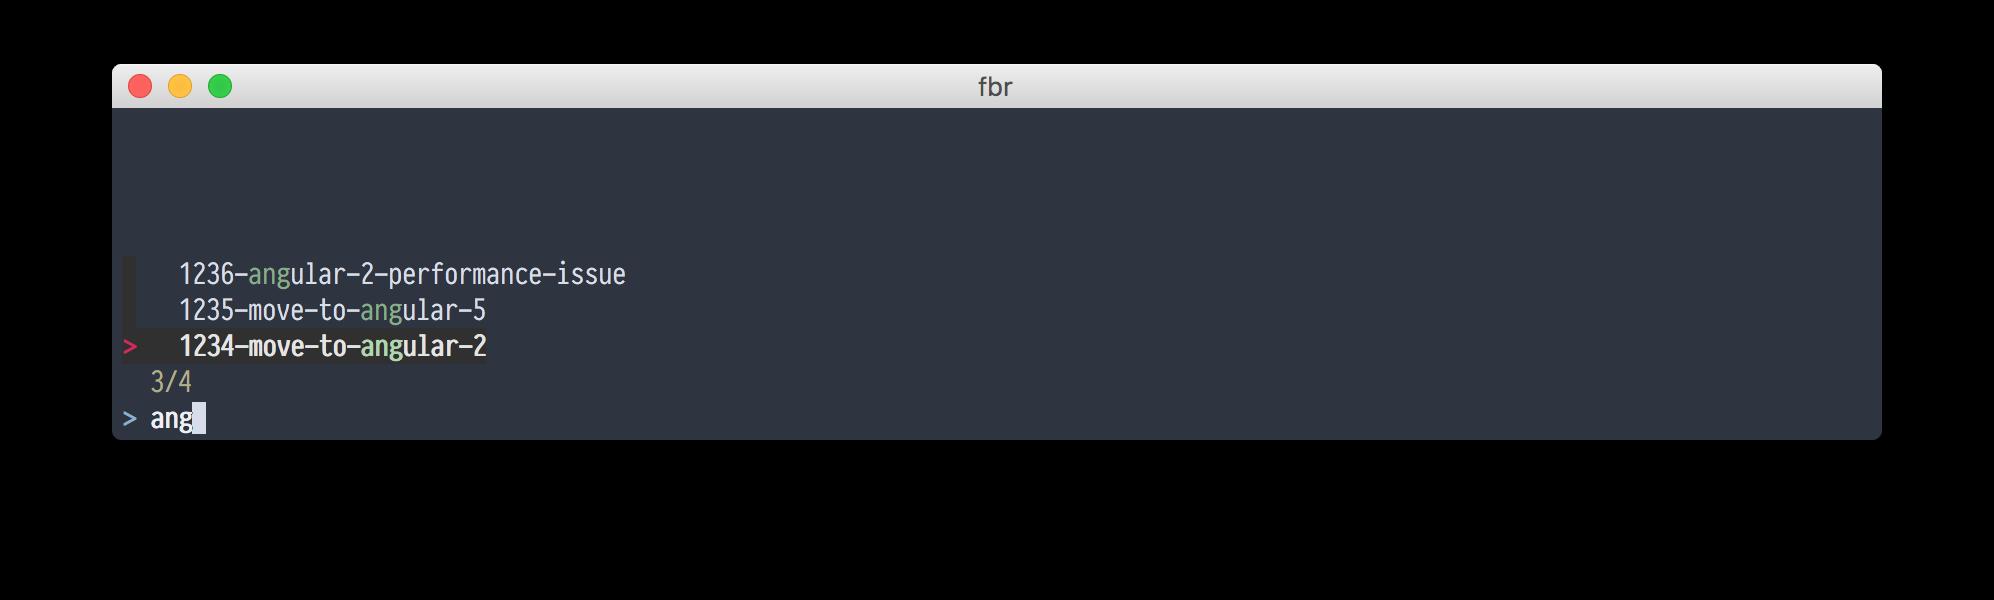 FZF. Нечеткий поиск или как быстро ставить npm пакеты и убивать процессы - 1